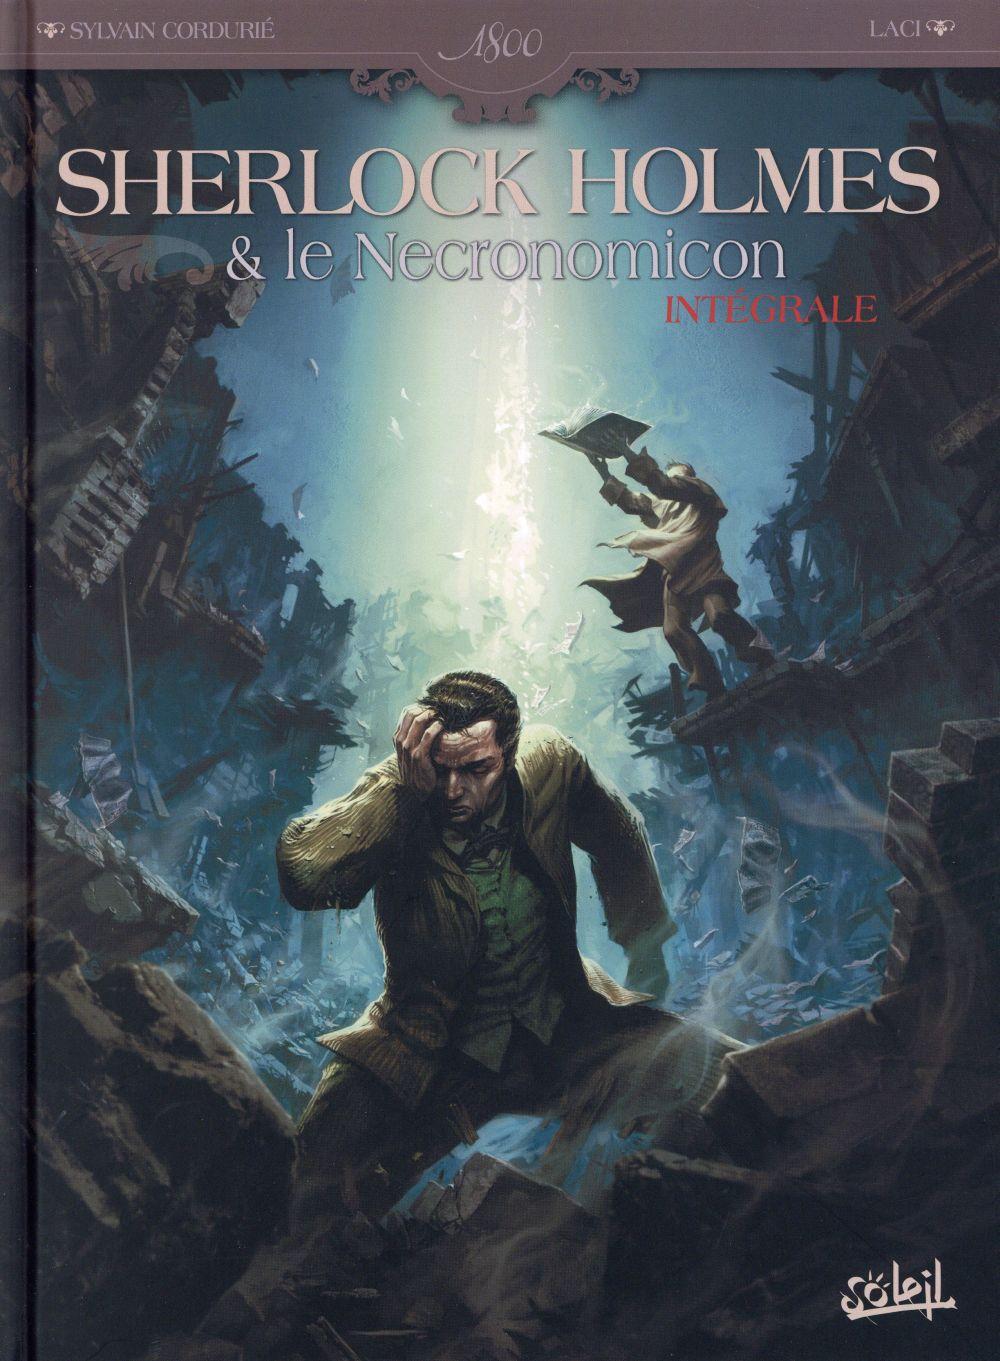 Couverture de l'intégrale pour Sherlock Holmes et le Nécronomicon (mai 2015)